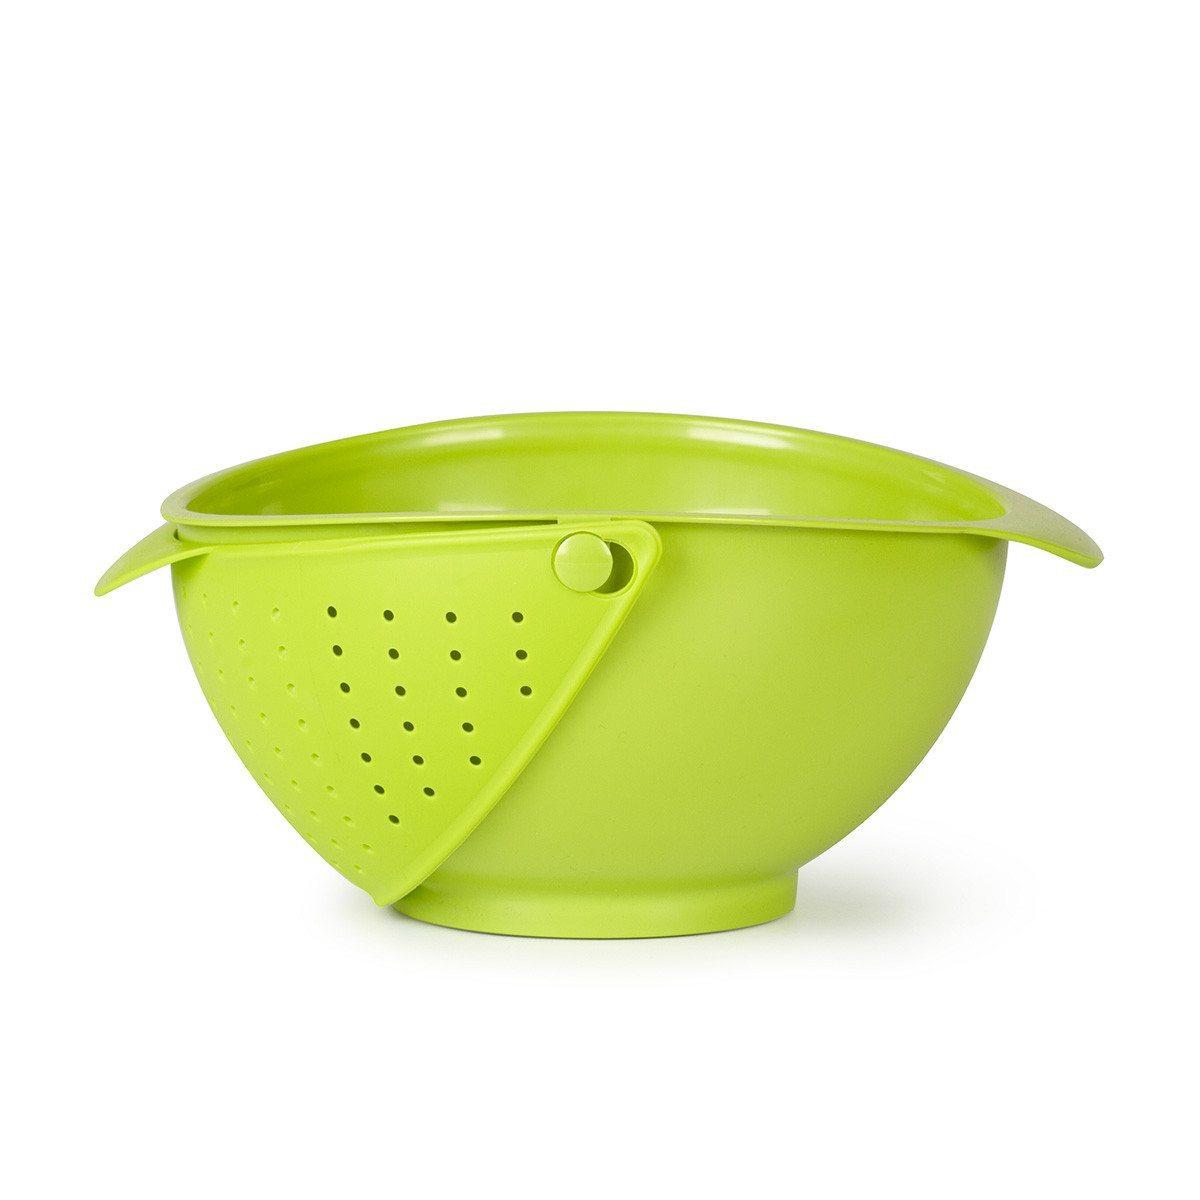 2i1-køkkenskål med si